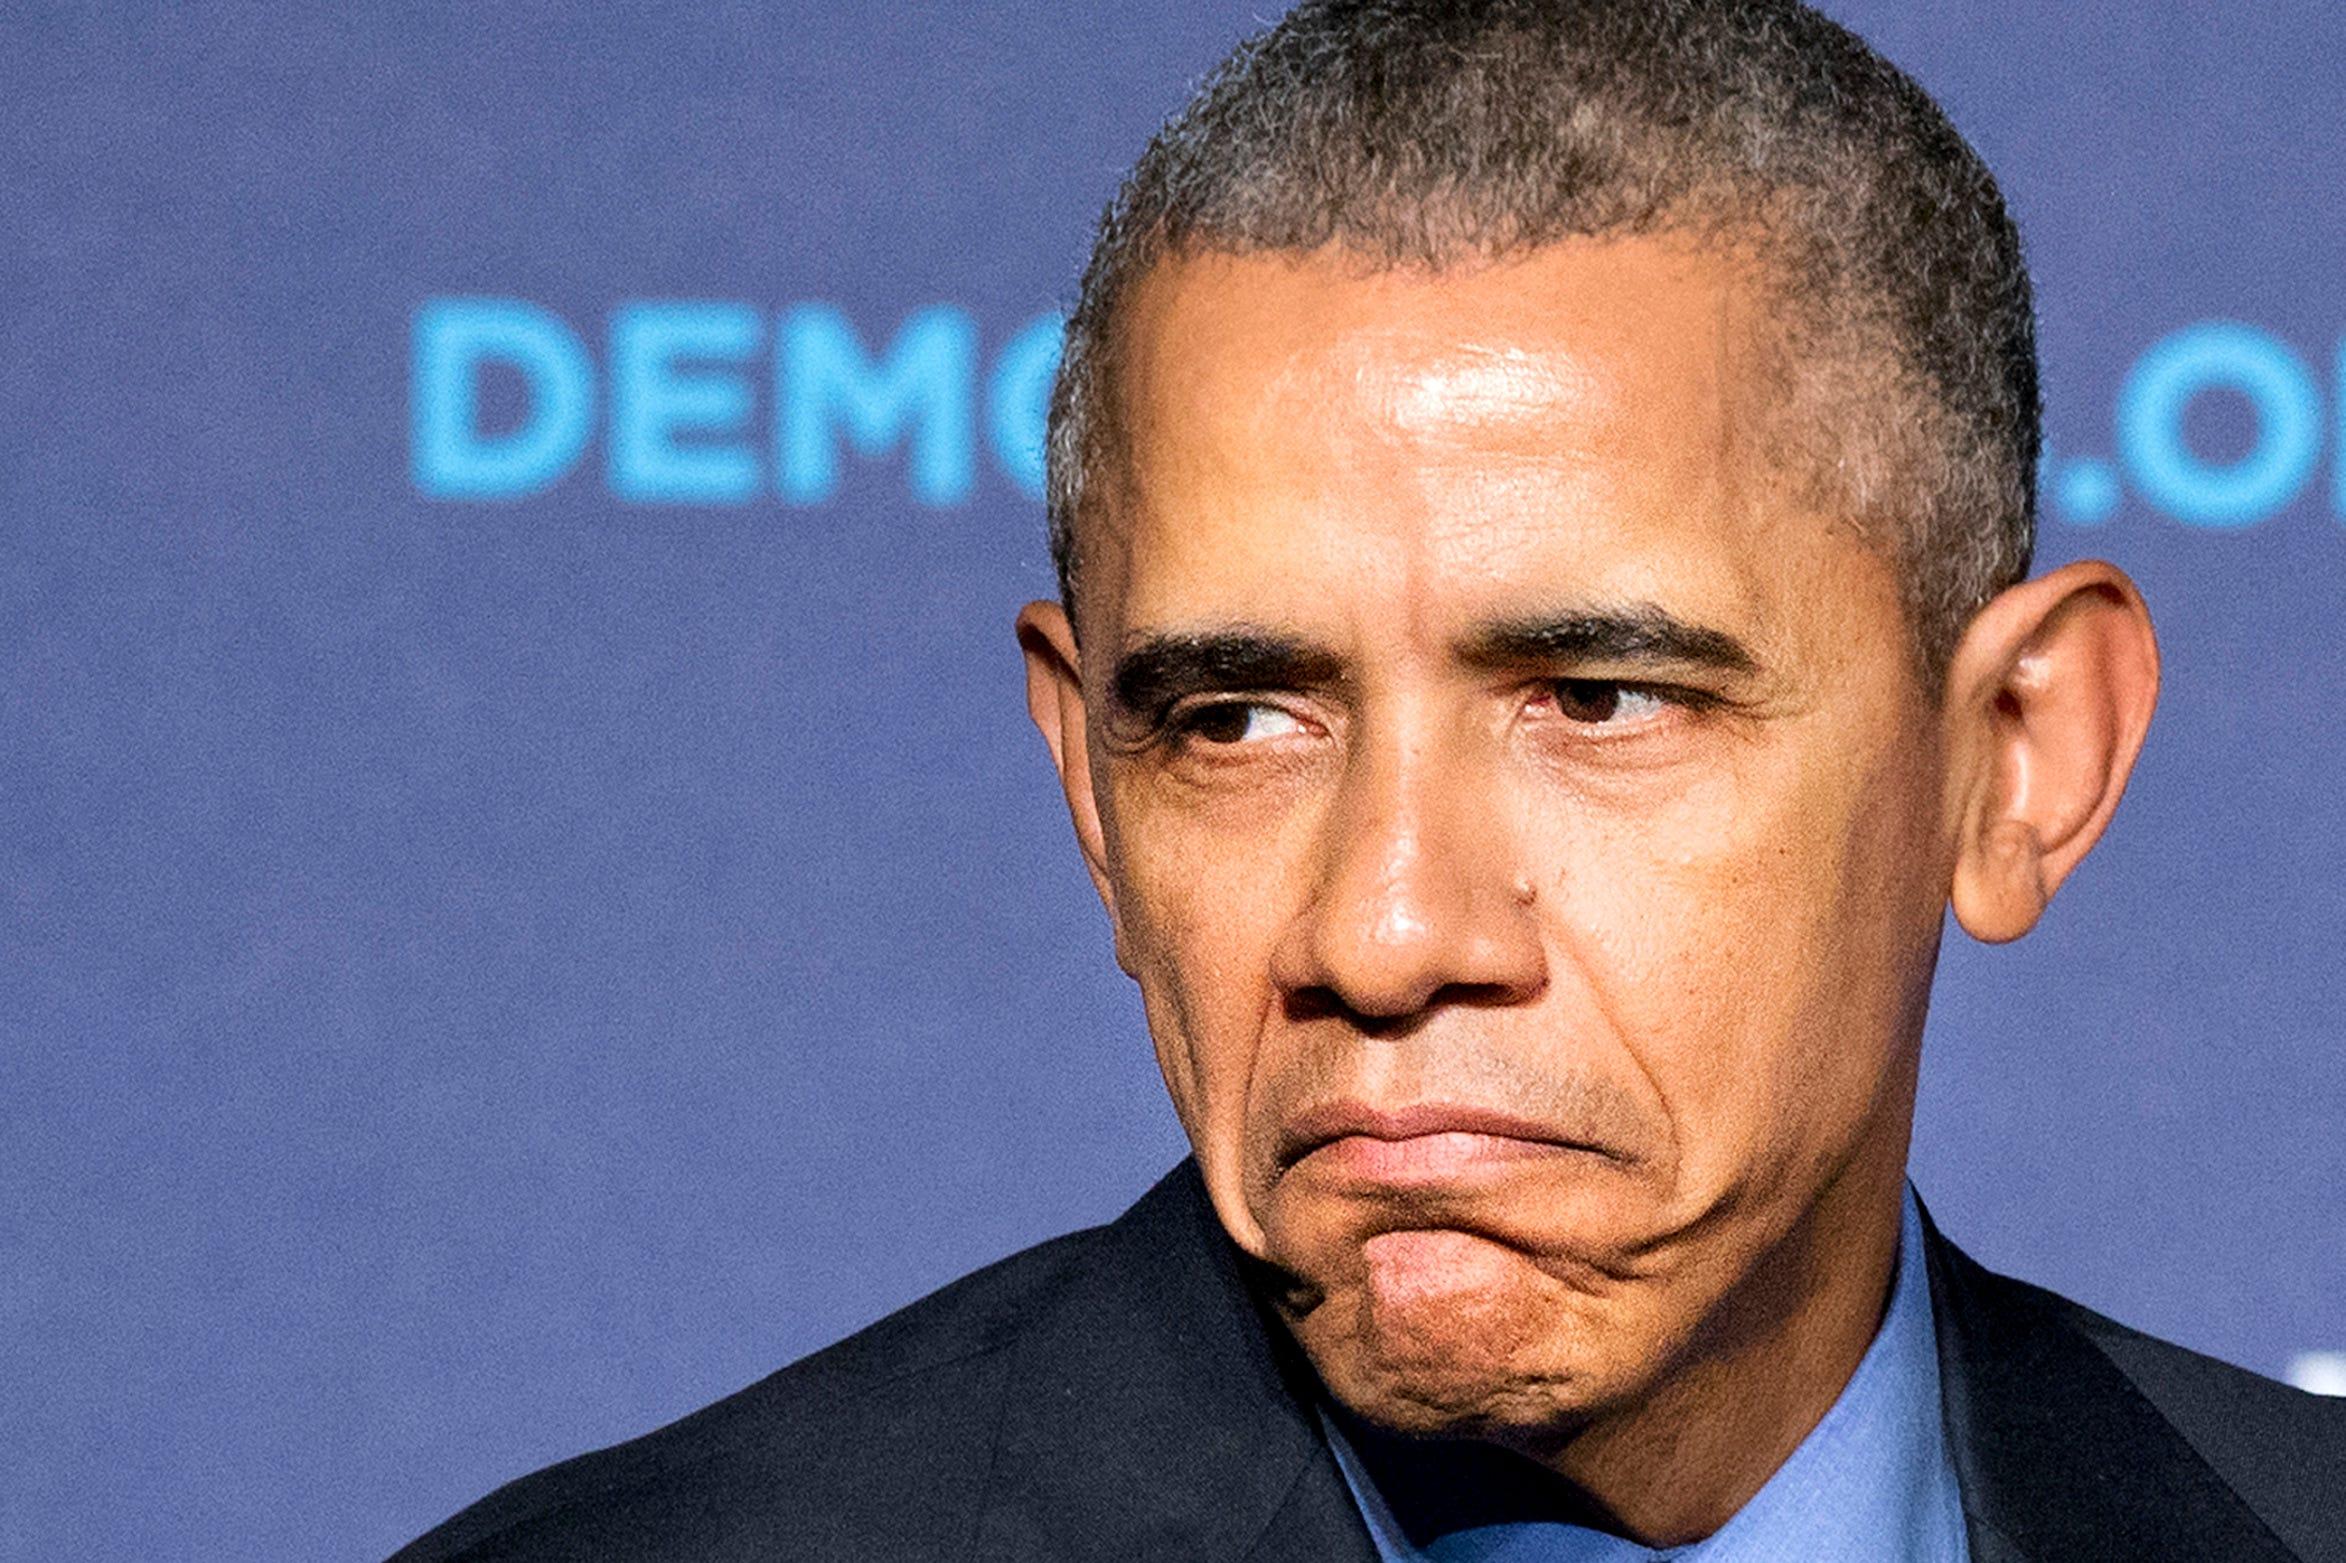 635812181912758507 AP OBAMA 76963885 obama republicans are like 'grumpy cat' meme